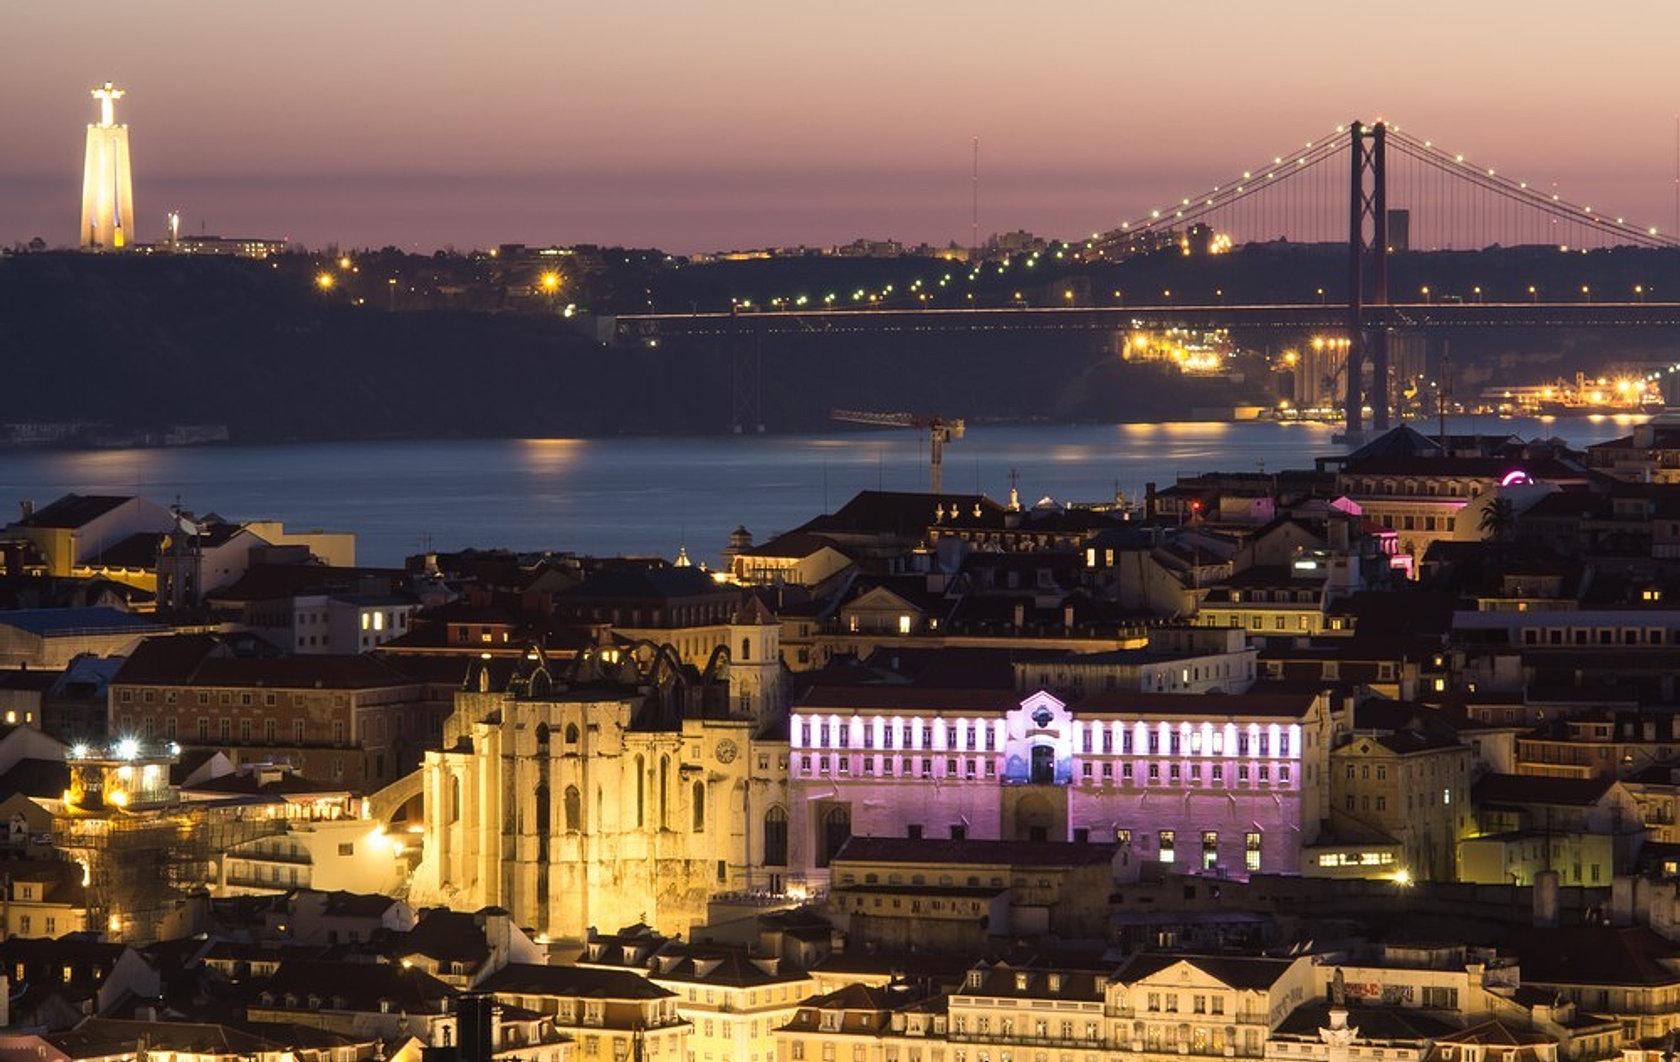 Pensione in Portogallo  Portogallo Facile  Pensionati al